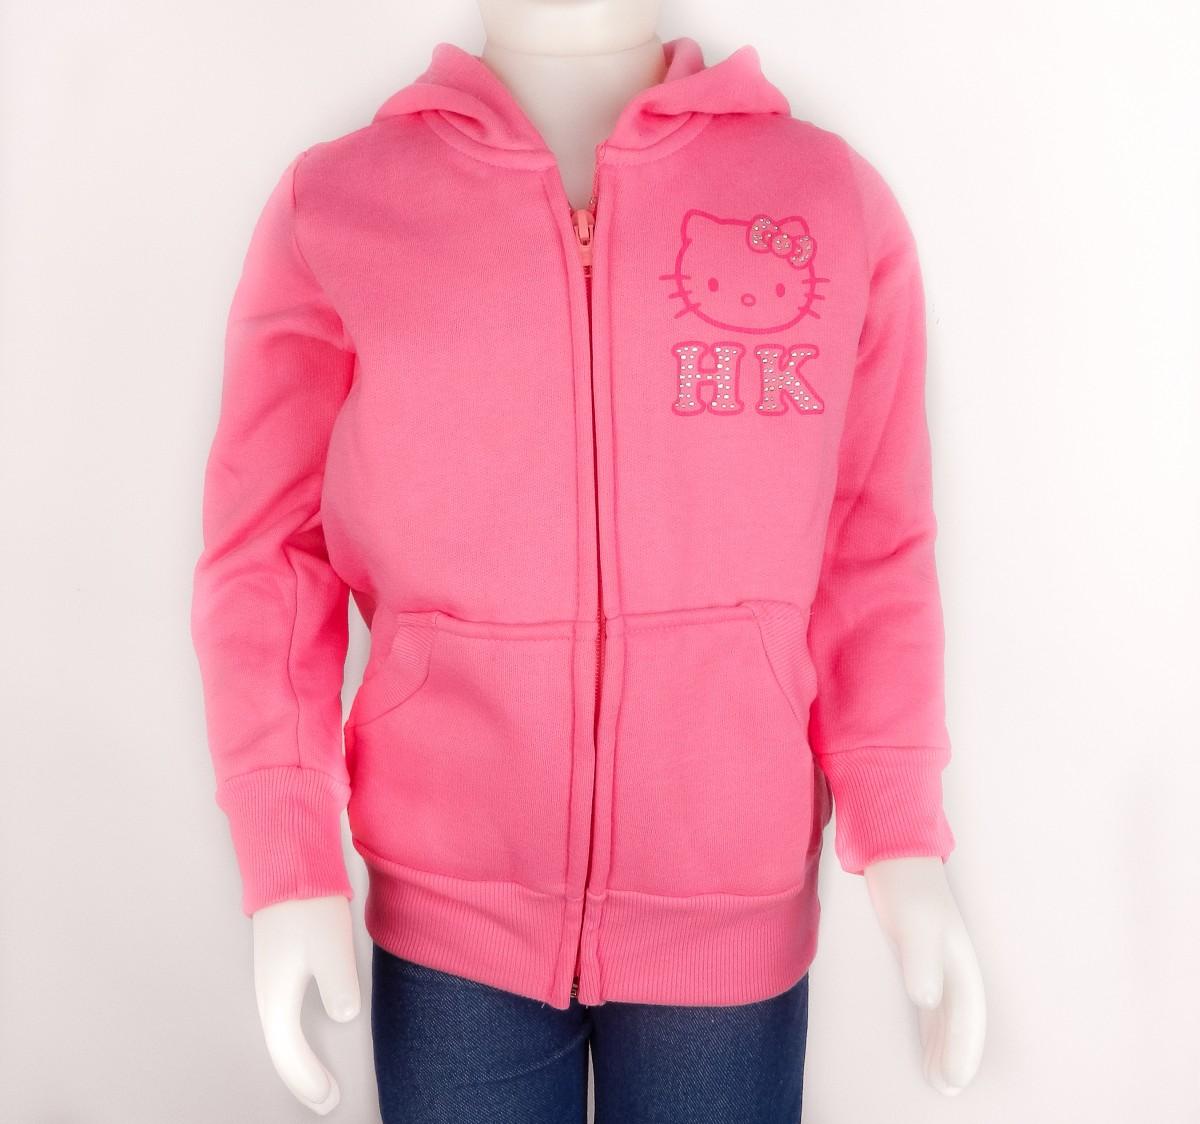 33f9512e08 Bizz Store - Jaqueta Infantil Feminina Hello Kitty Moletom